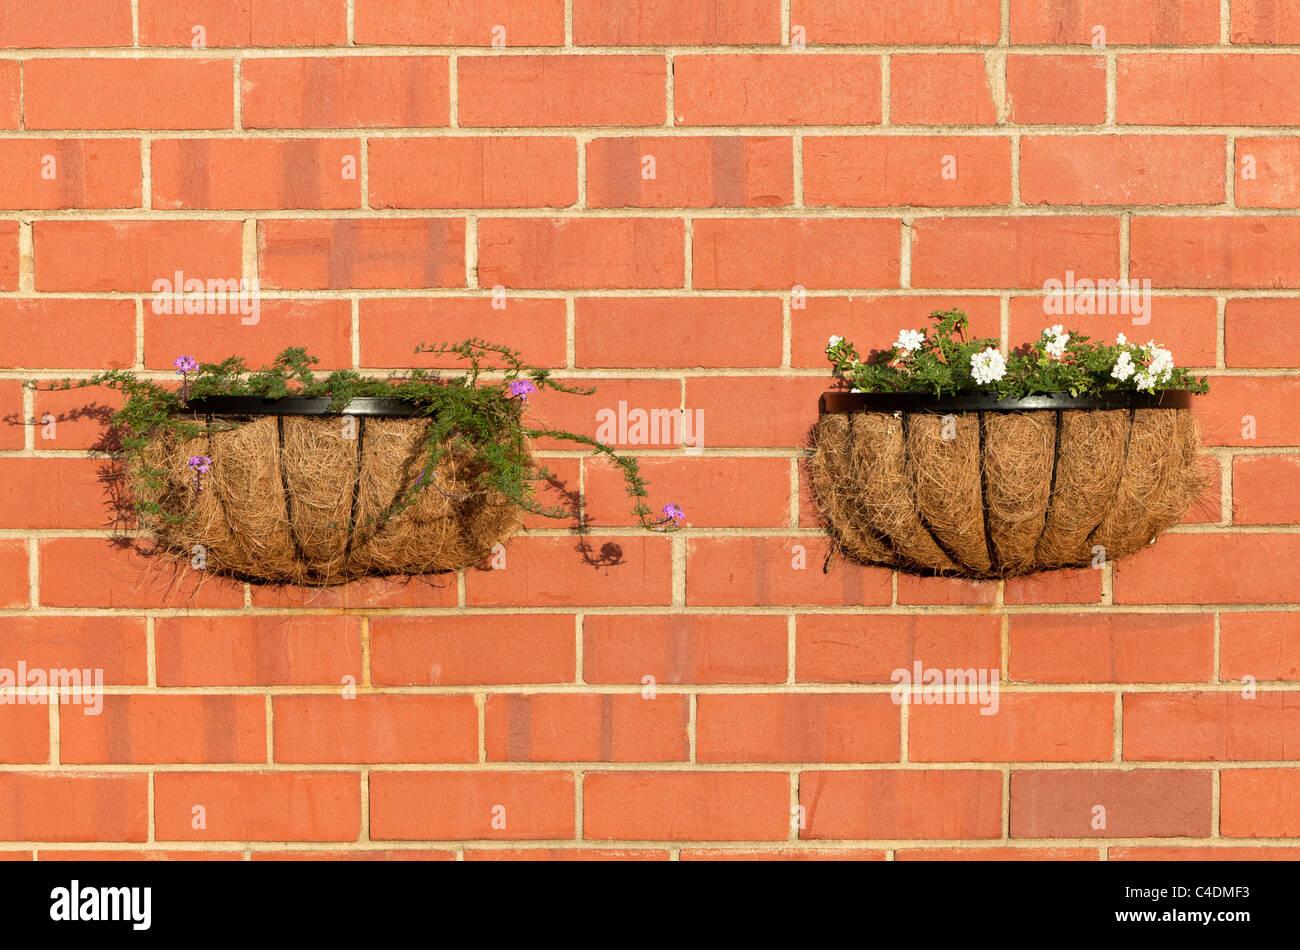 Eisenkraut Blumen wachsen in Wand-Körbe Stockbild